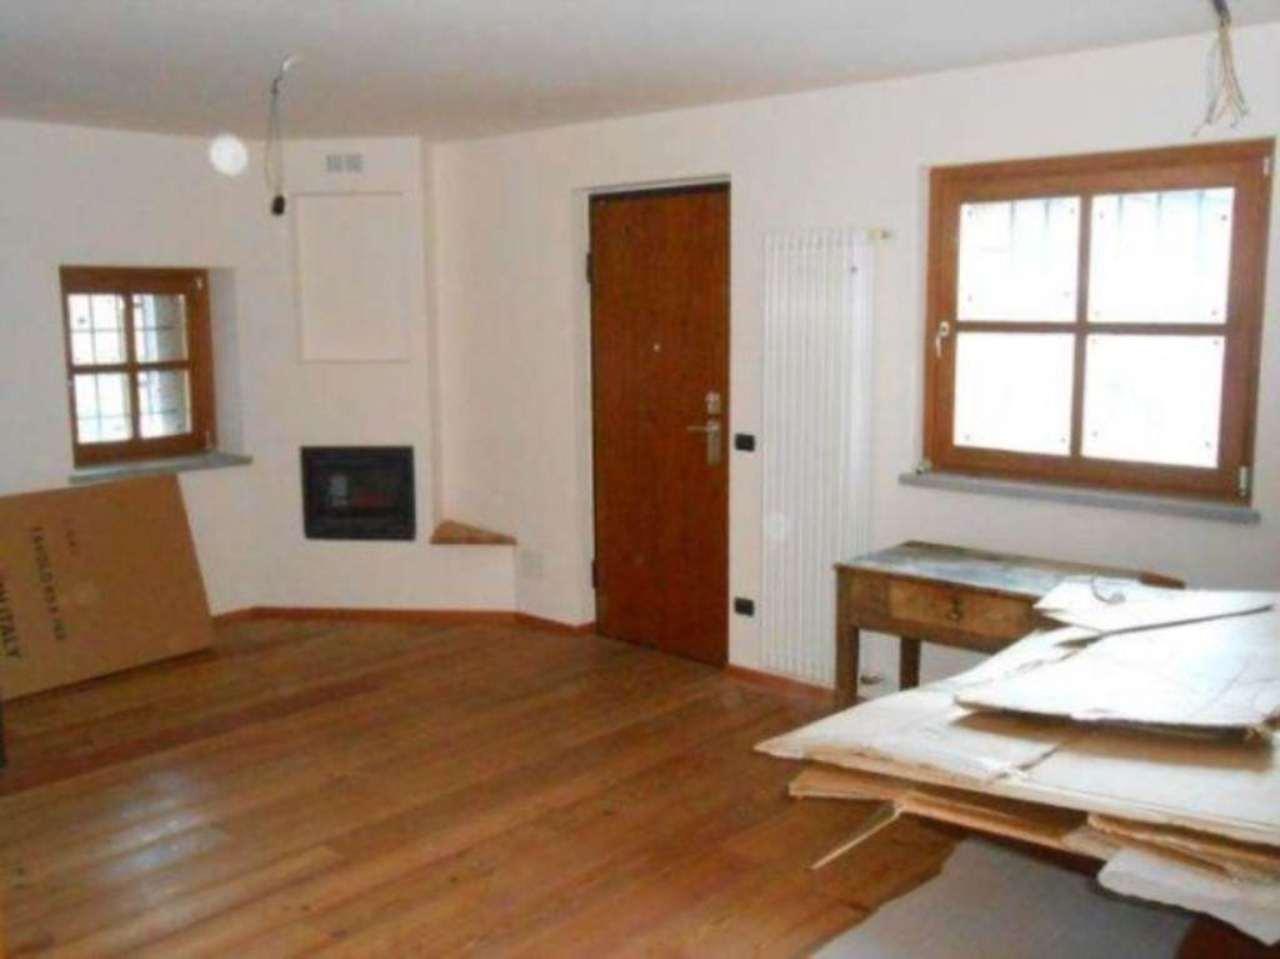 Appartamento in vendita a Doues, 2 locali, prezzo € 149.000 | Cambio Casa.it